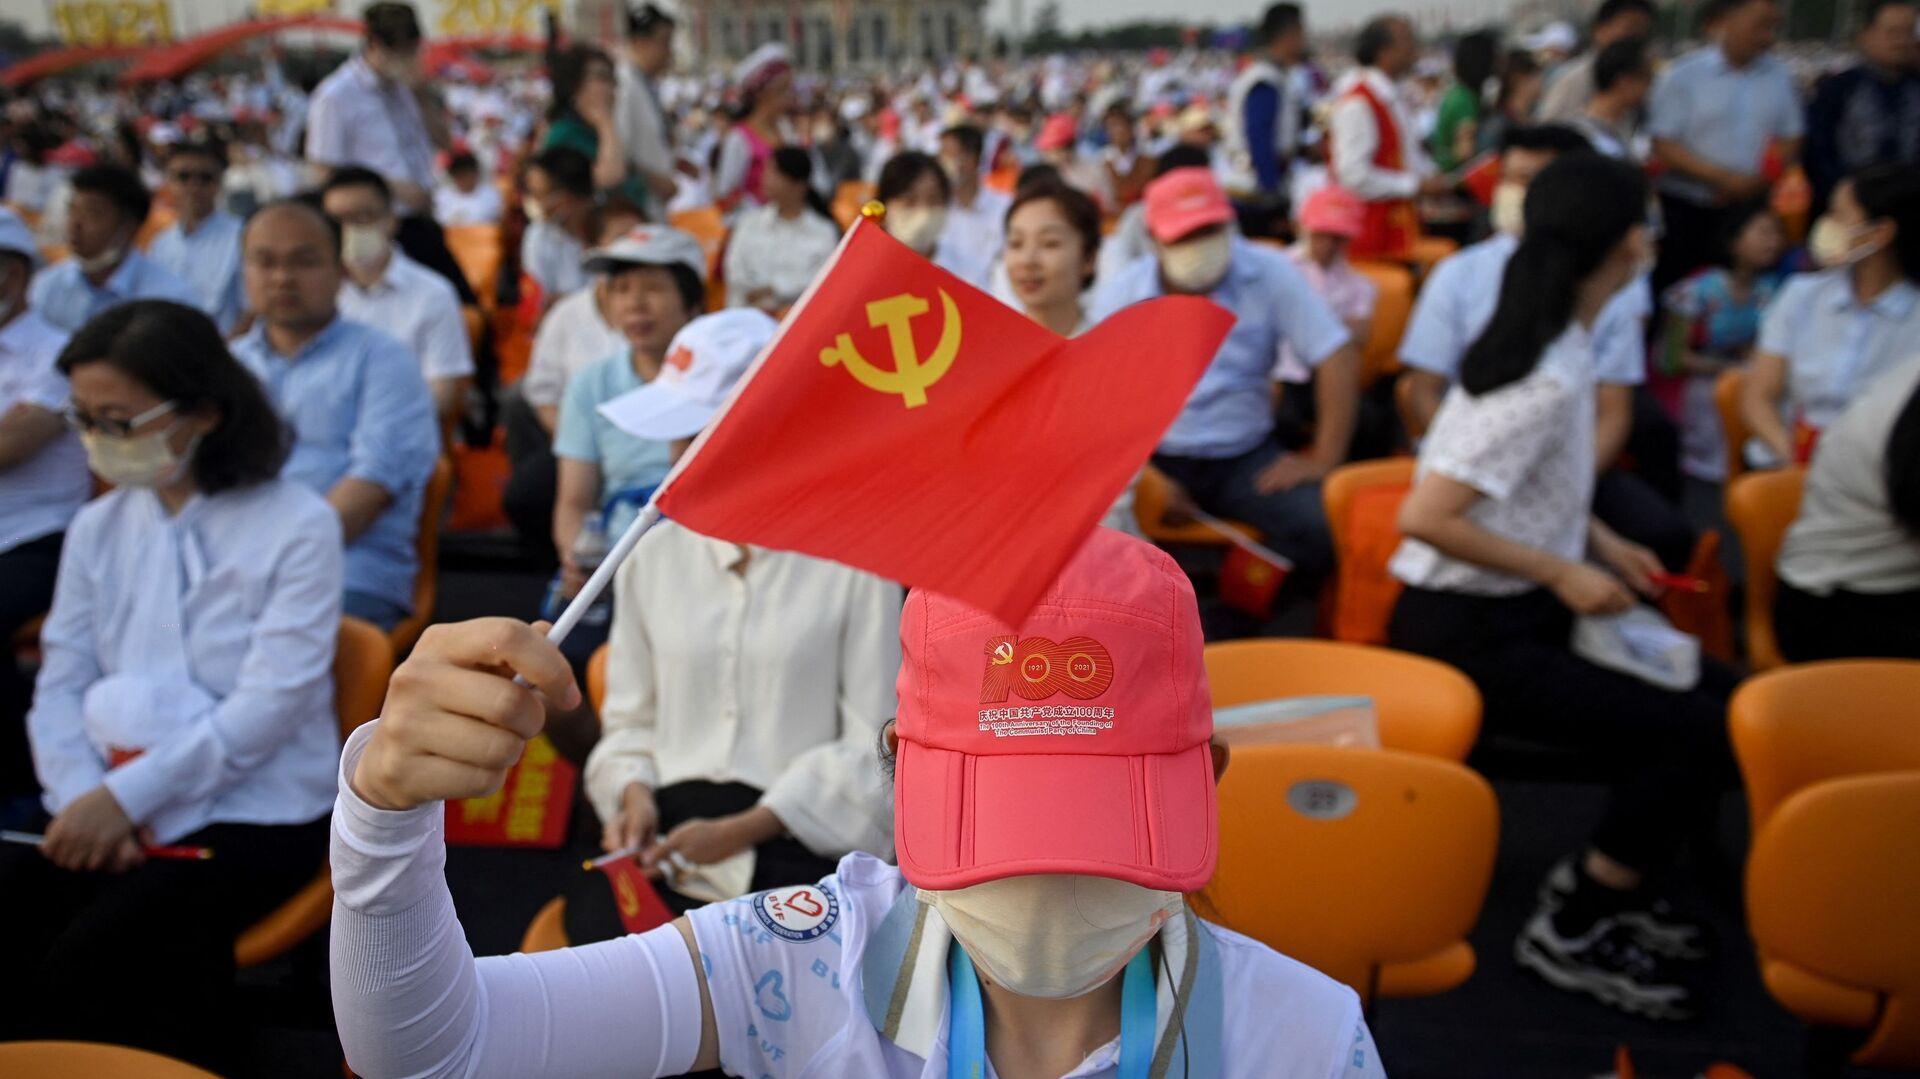 Люди на праздновании 100-летия Коммунистической партии Китая в Пекине - Sputnik Узбекистан, 1920, 05.09.2021